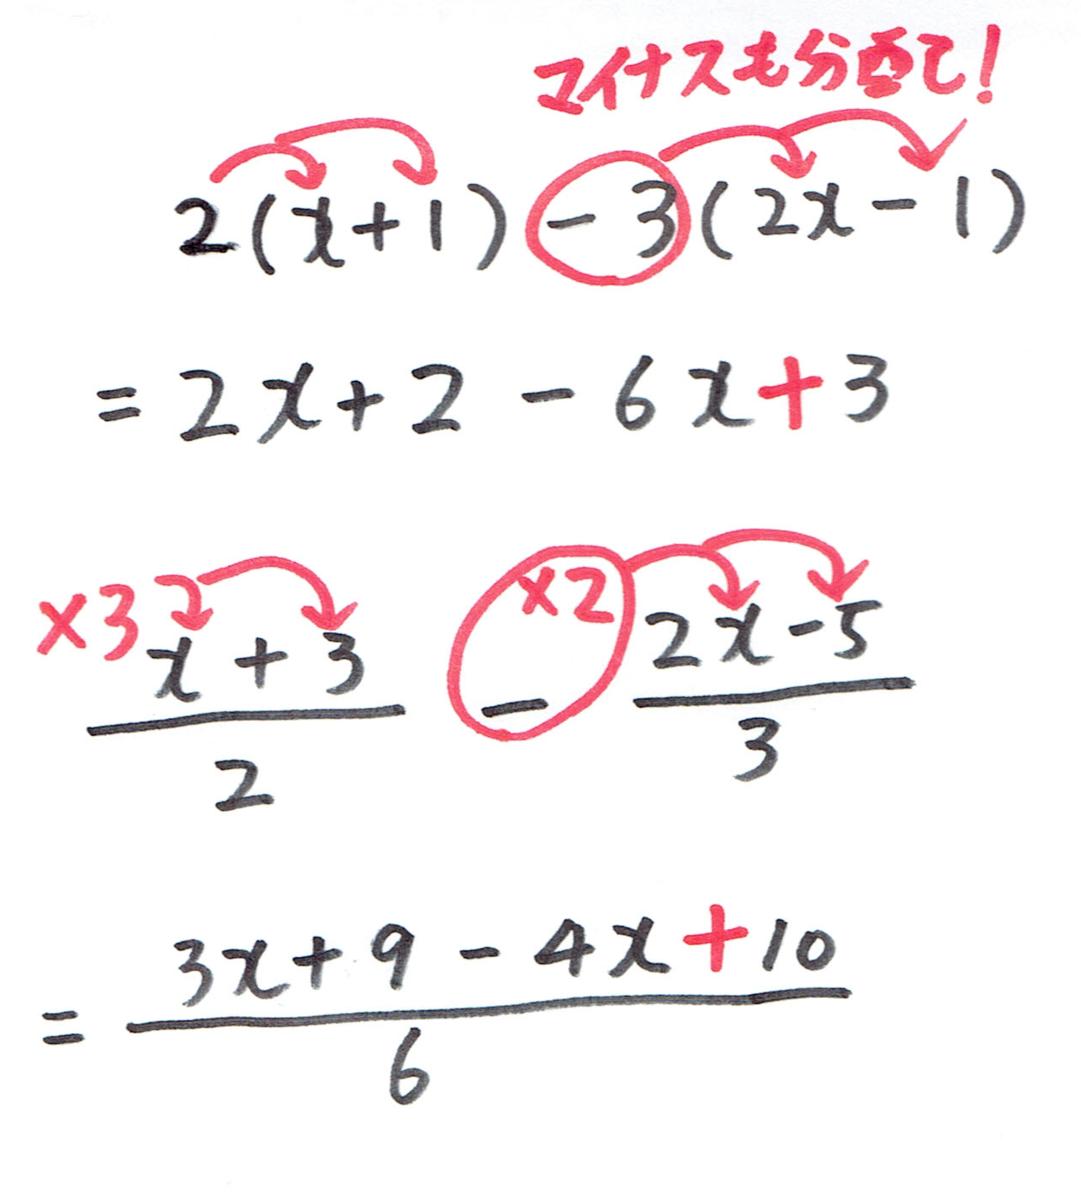 分配法則のミス。マイナスの分配を忘れずに。